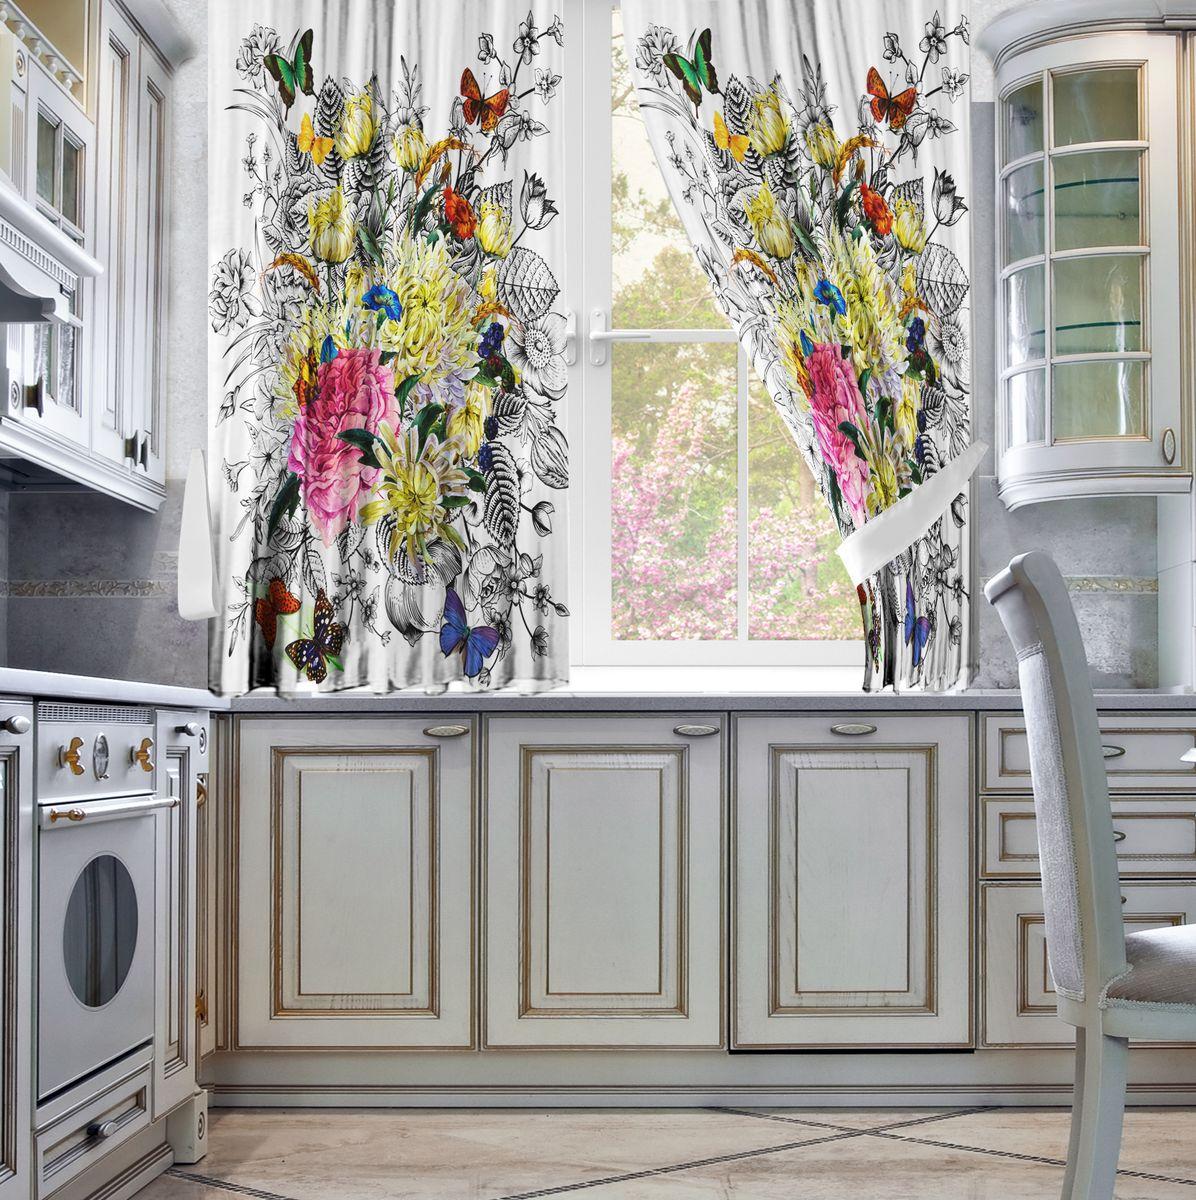 Комплект штор для кухни Zlata Korunka Танец, на ленте, цвет: серый, высота 160 см21322Комплект штор для кухни Zlata Korunka, выполненный из полиэстера, великолепно украсит любое окно. Комплект состоит из 2 штор. Яркий рисунок и приятная цветовая гамма привлекут к себе внимание и органично впишутся в интерьер помещения. Этот комплект будет долгое время радовать вас и вашу семью. Комплект крепится на карниз при помощи ленты, которая поможет красиво и равномерно задрапировать верх.